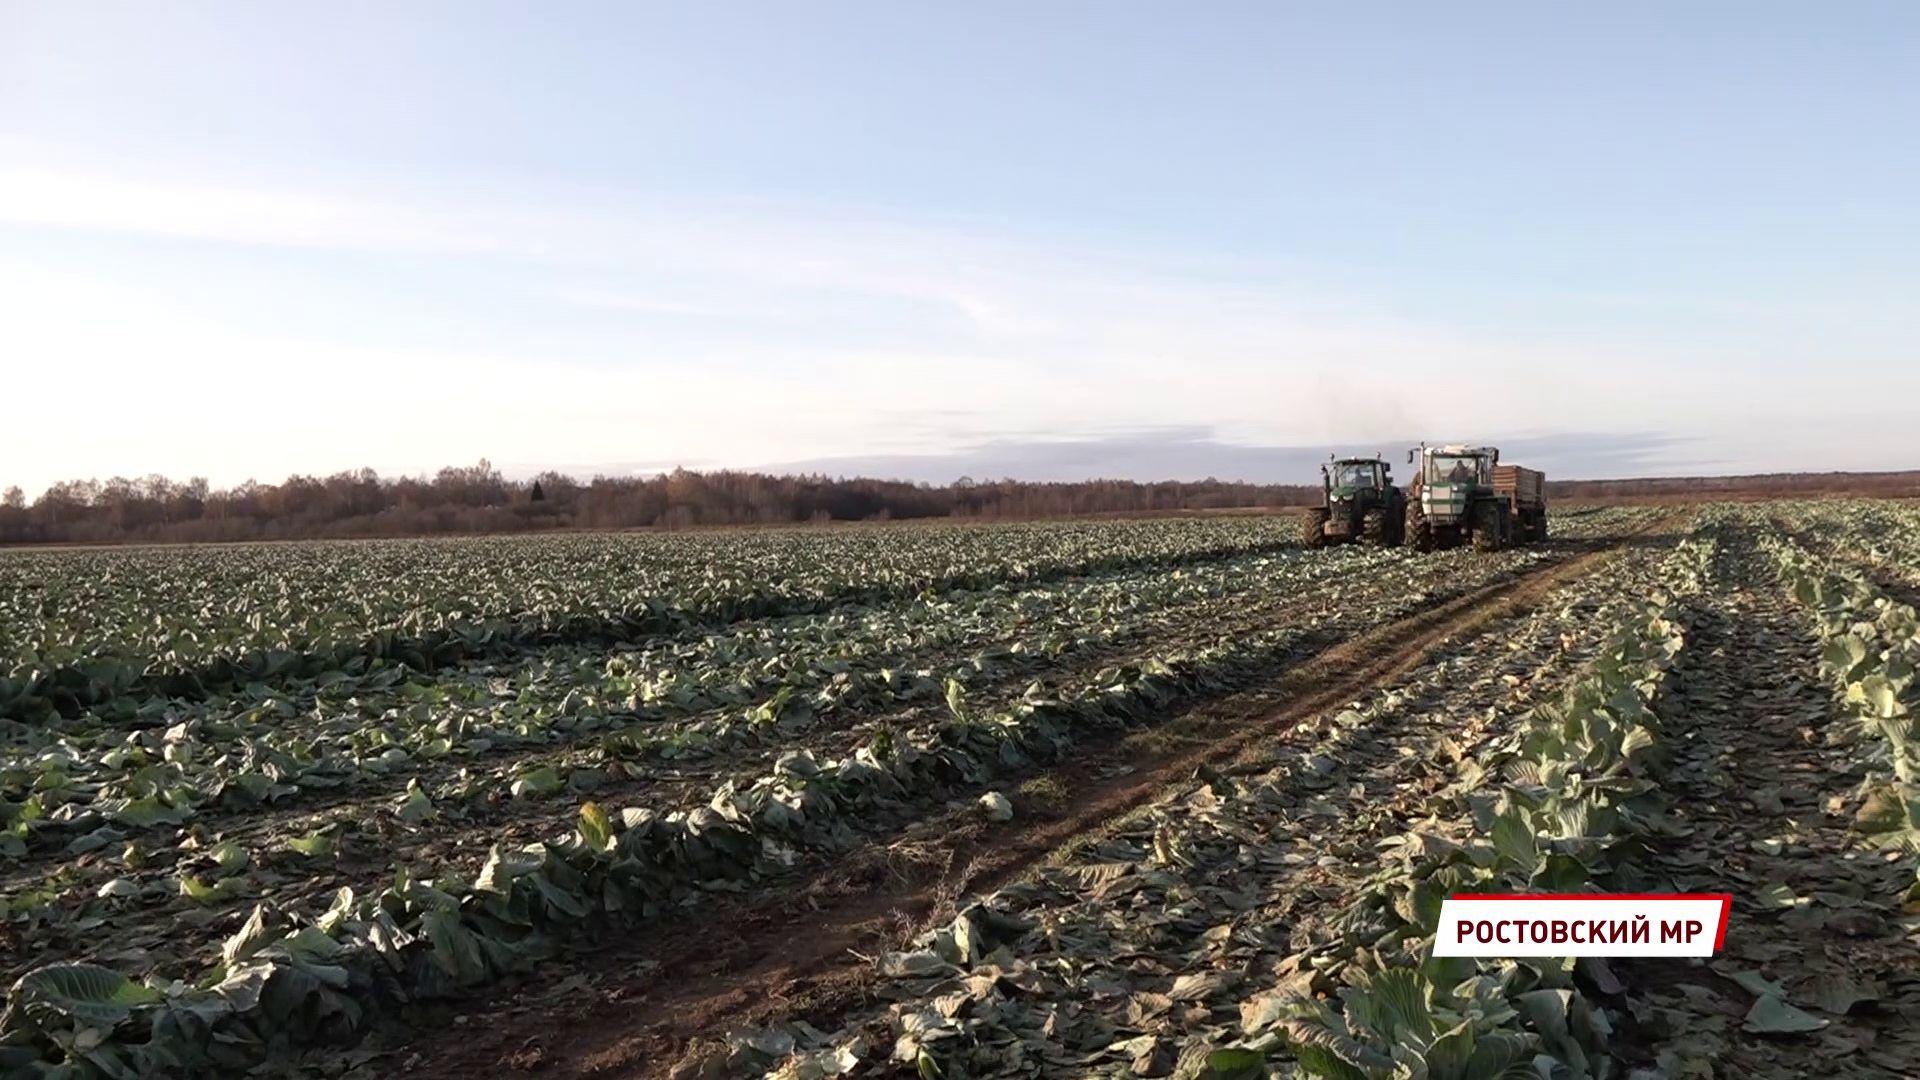 Аграрии Ярославской области распахали и засеяли 280 тысяч гектаров земли